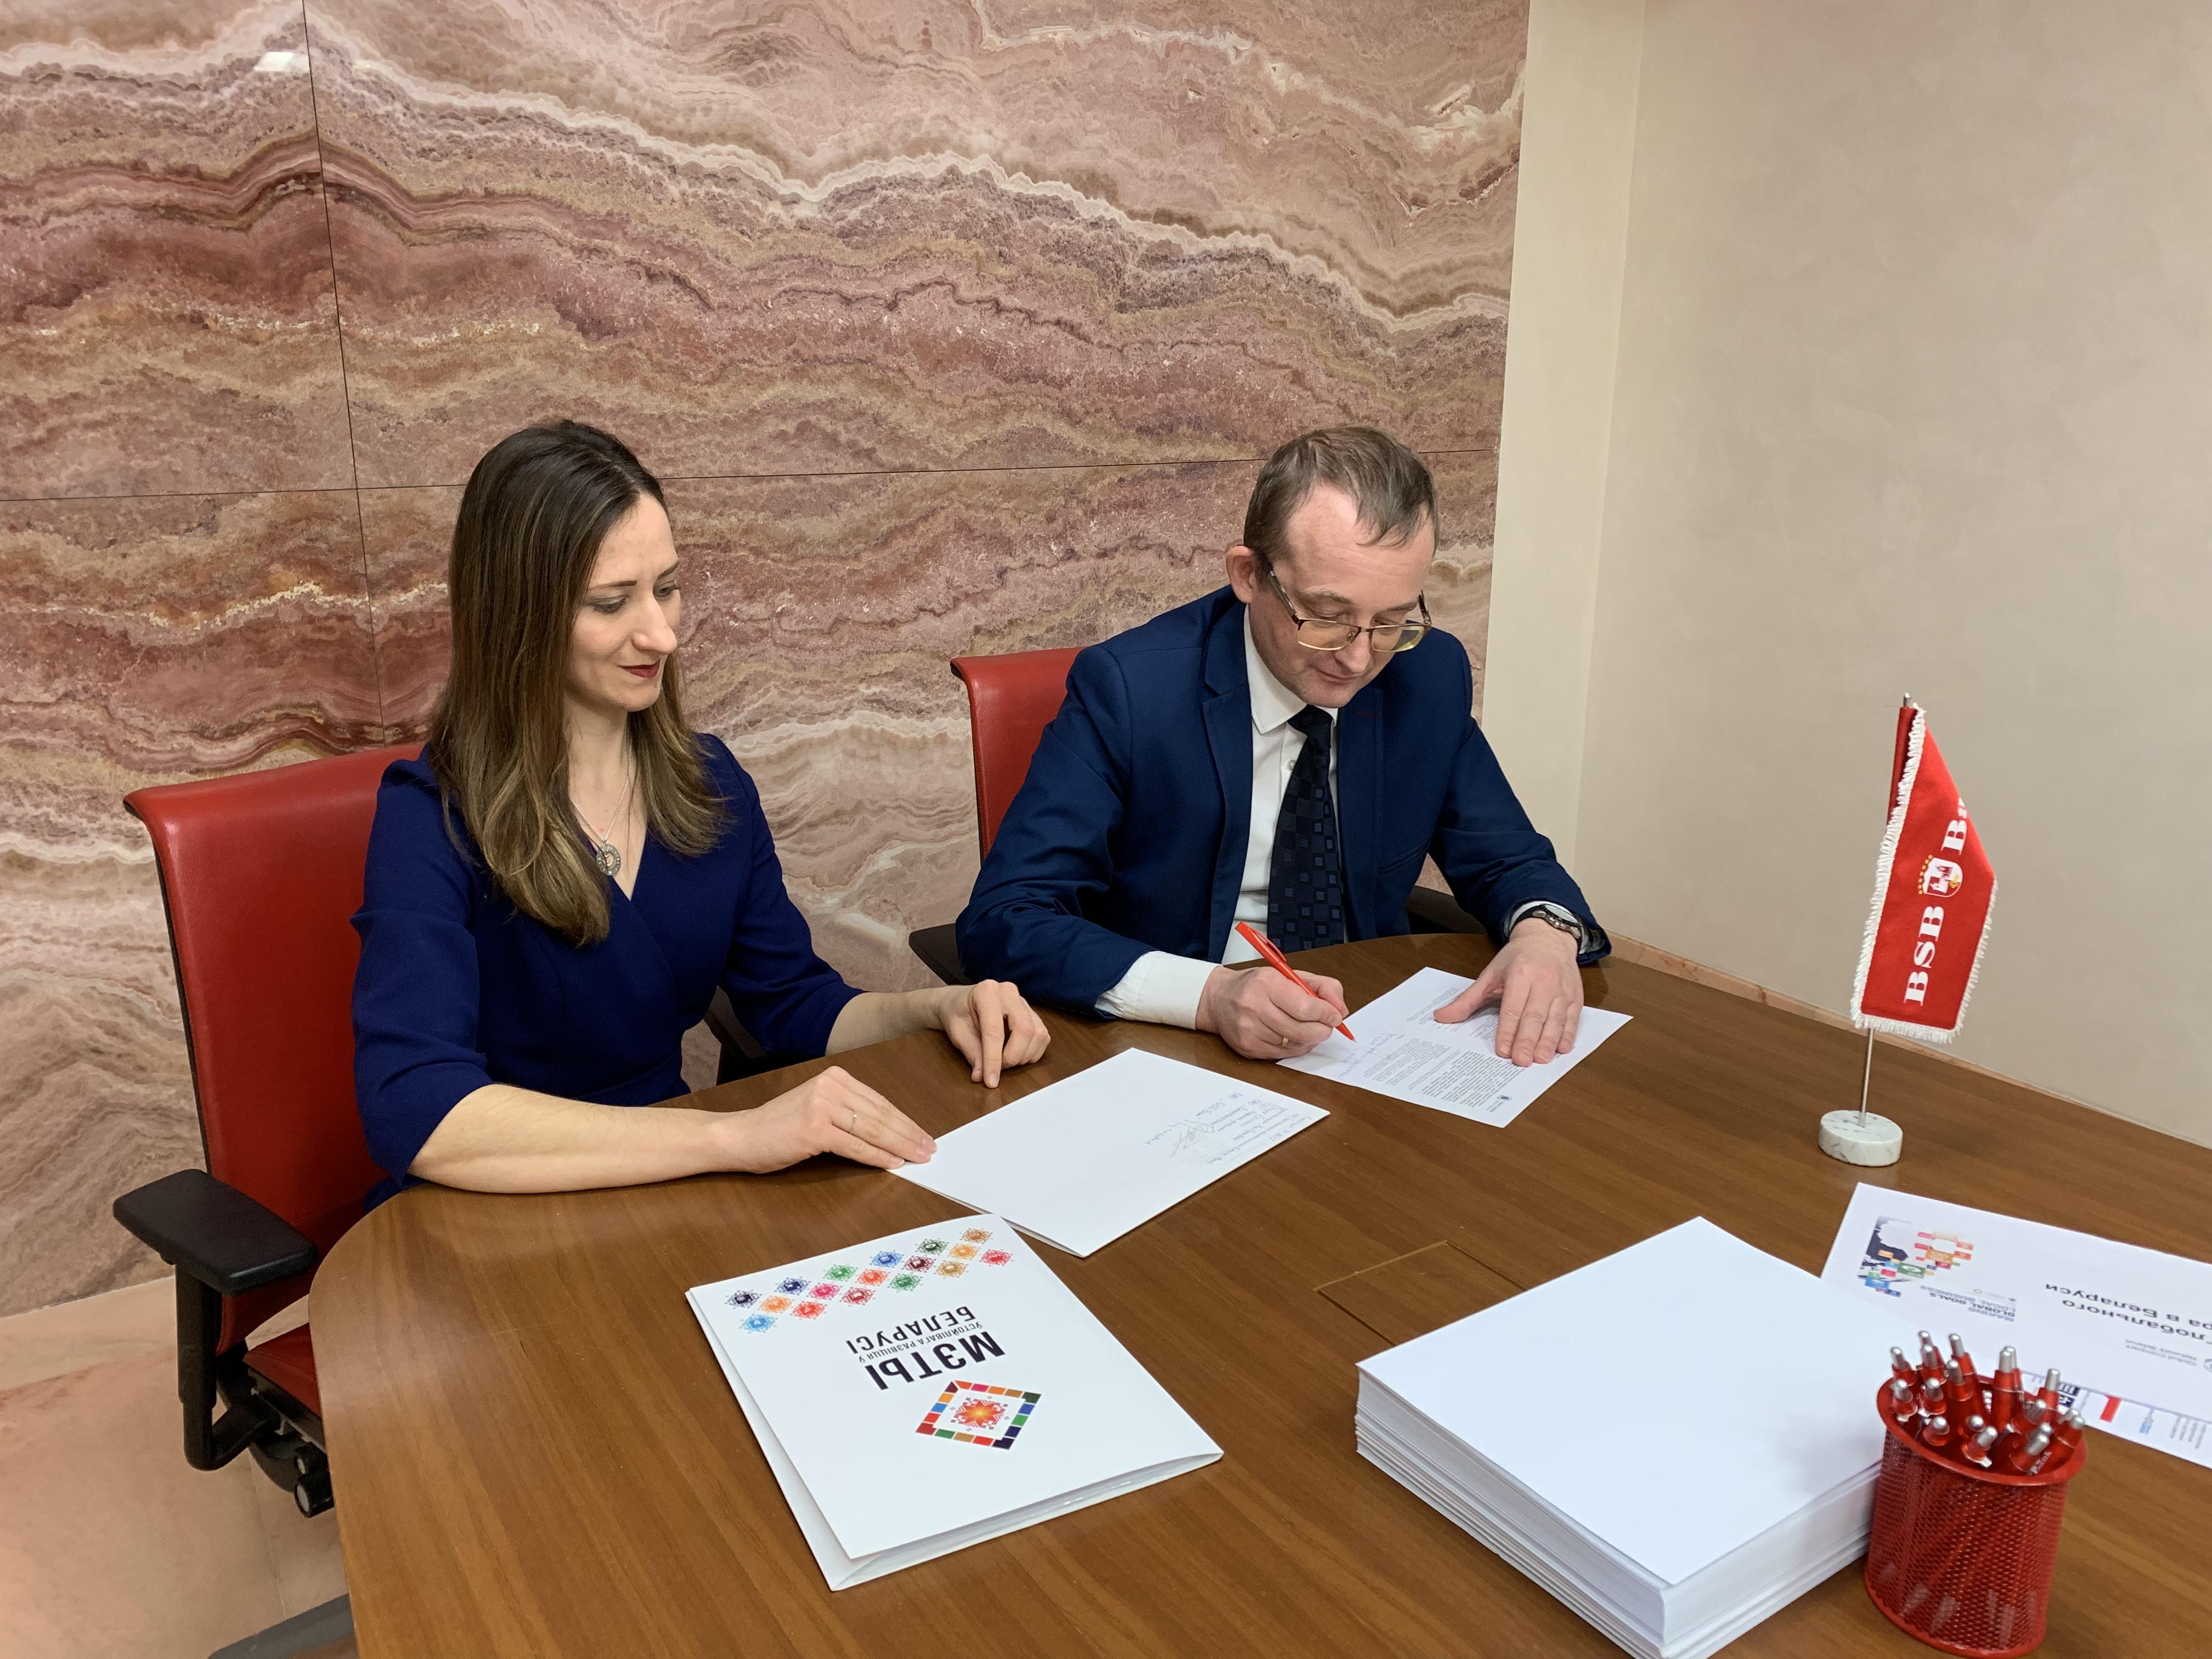 БСБ Банк присоединился к Местному фонду «Добра»